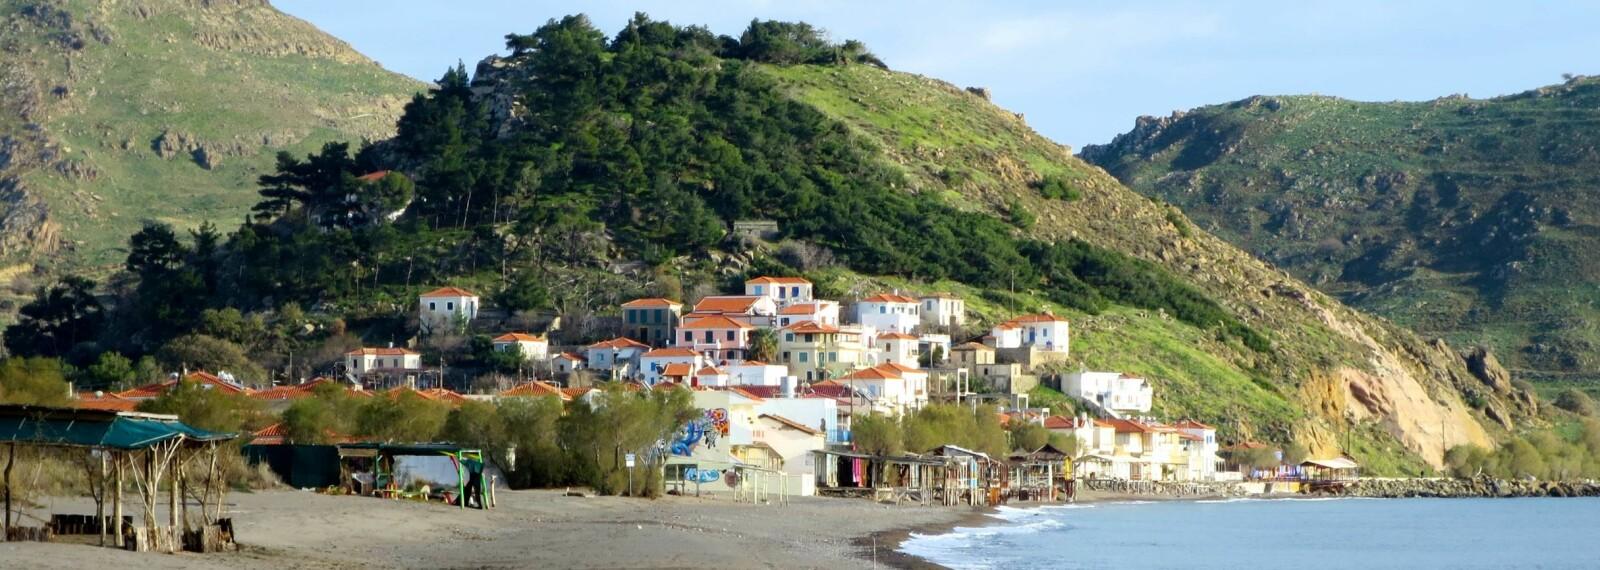 Byen Eresos vest på Lesbos, ble bygget på den grønne høyden, nå kjent som Vigla, bak dagens Skala Eressos. Myten sier at hun drev opplæring i lyrespill og diktning for unge kvinner på Vigla.